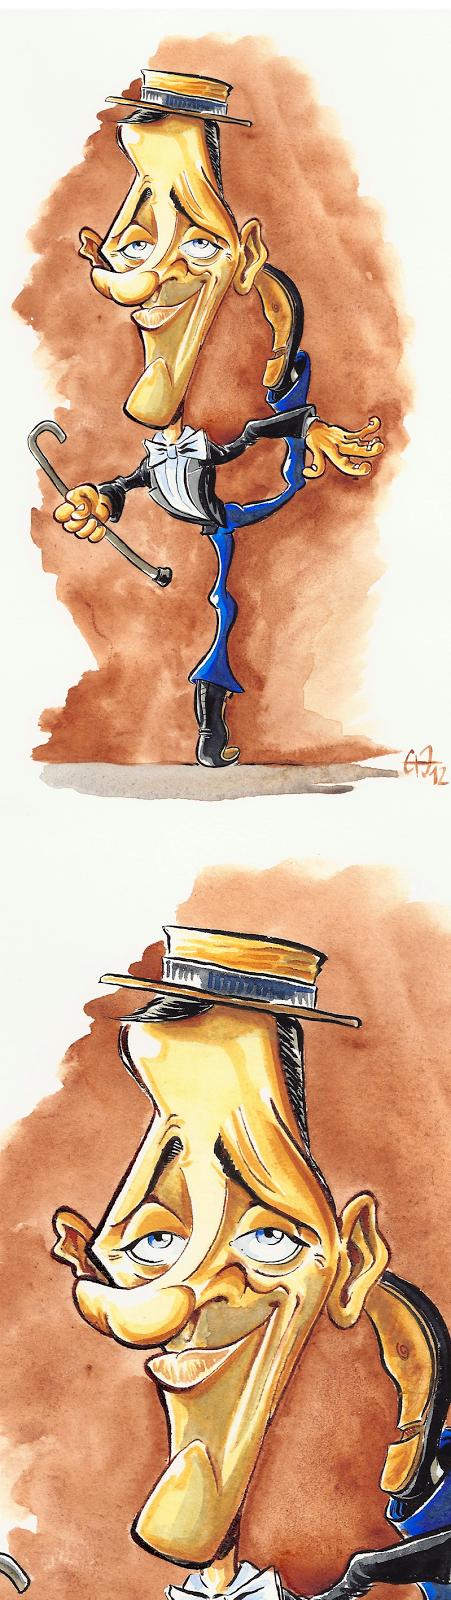 Caricature de Fred Astaire à l'aquarelle par Guillaume Néel